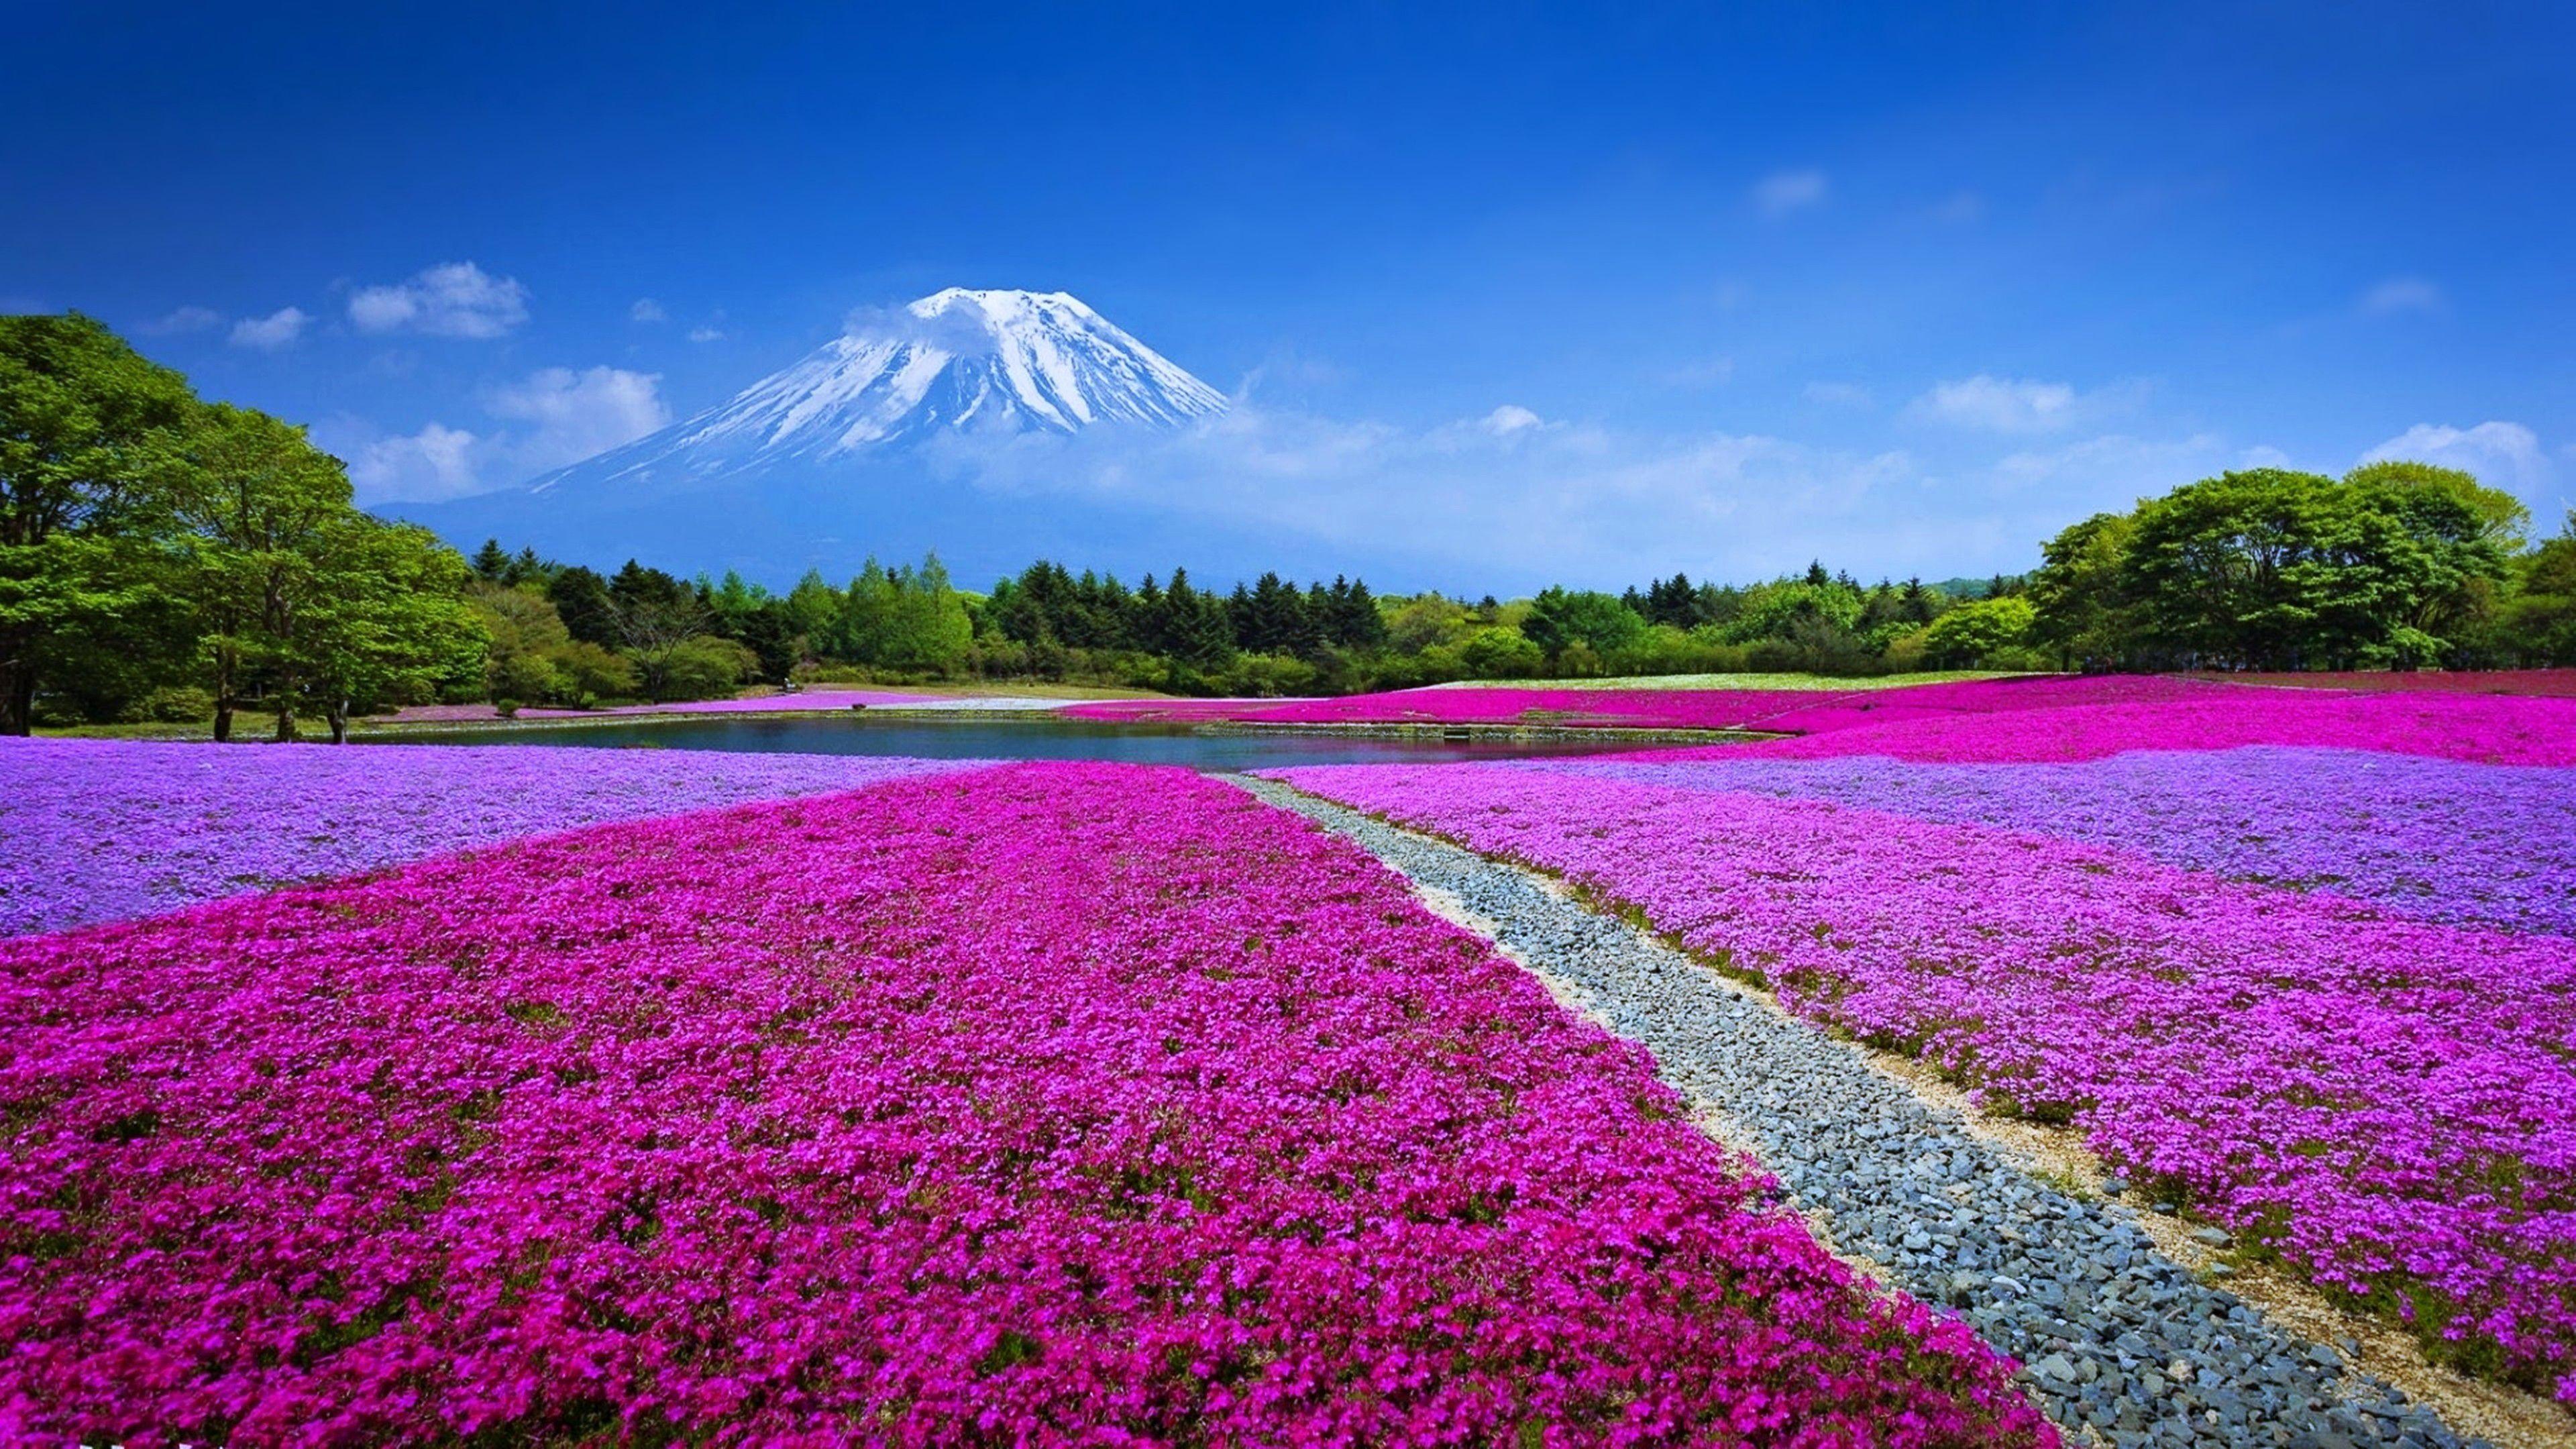 Hình nền thiên nhiên mùa xuân đẹp nhất